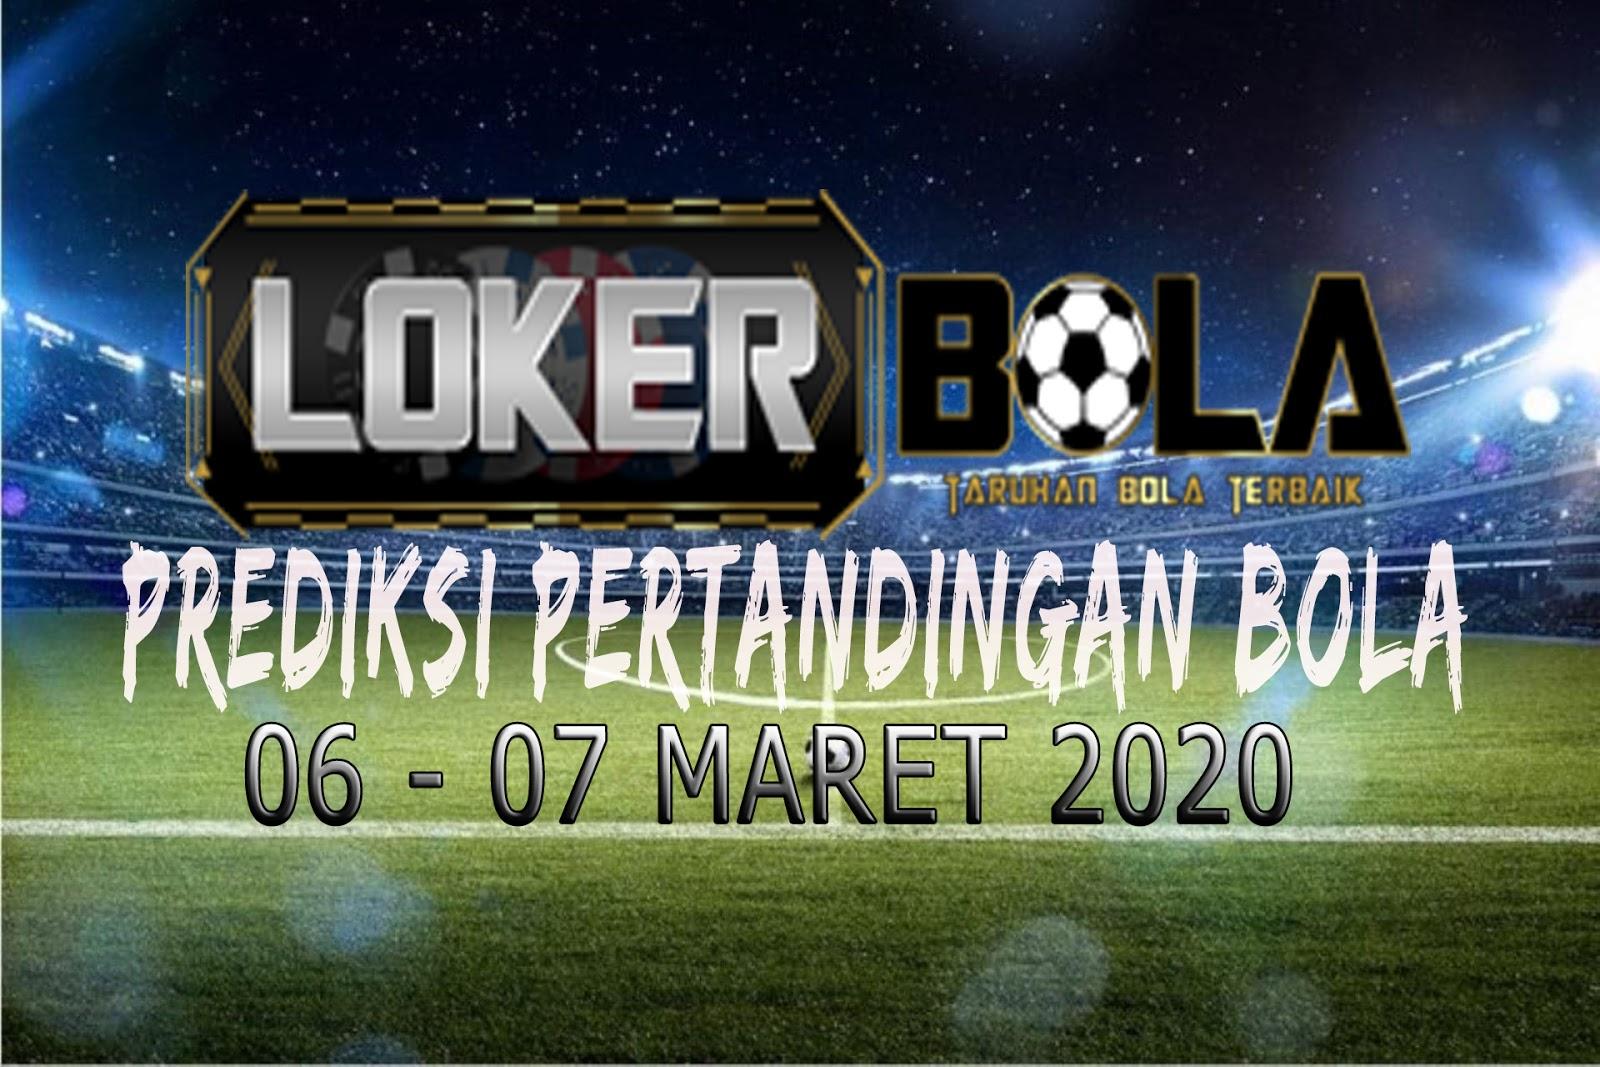 PREDIKSI PERTANDINGAN BOLA 06 – 07 MARET 2020